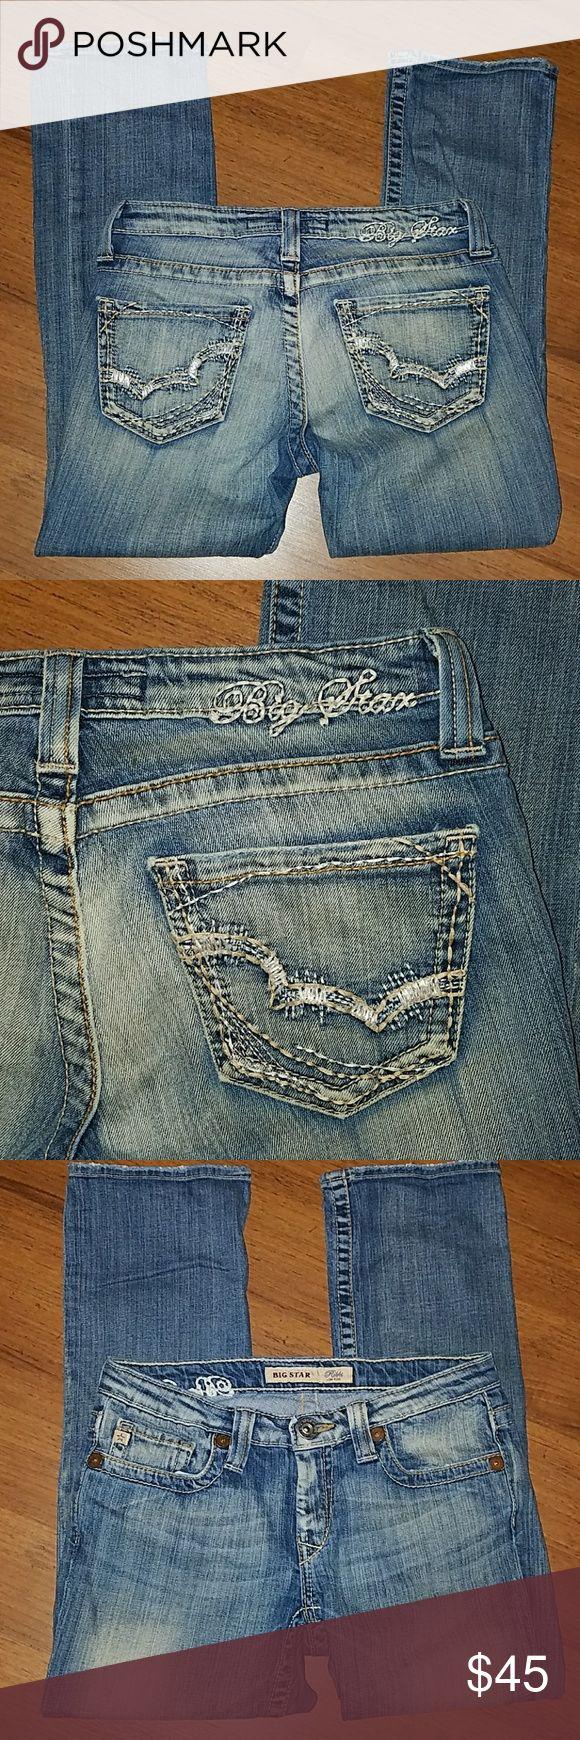 Big Star Capri Jeans Rikki low-rise size 27 Big Star Capri Jeans Rikki low-rise size 27. Inseam is 25 inches. Big Star Jeans